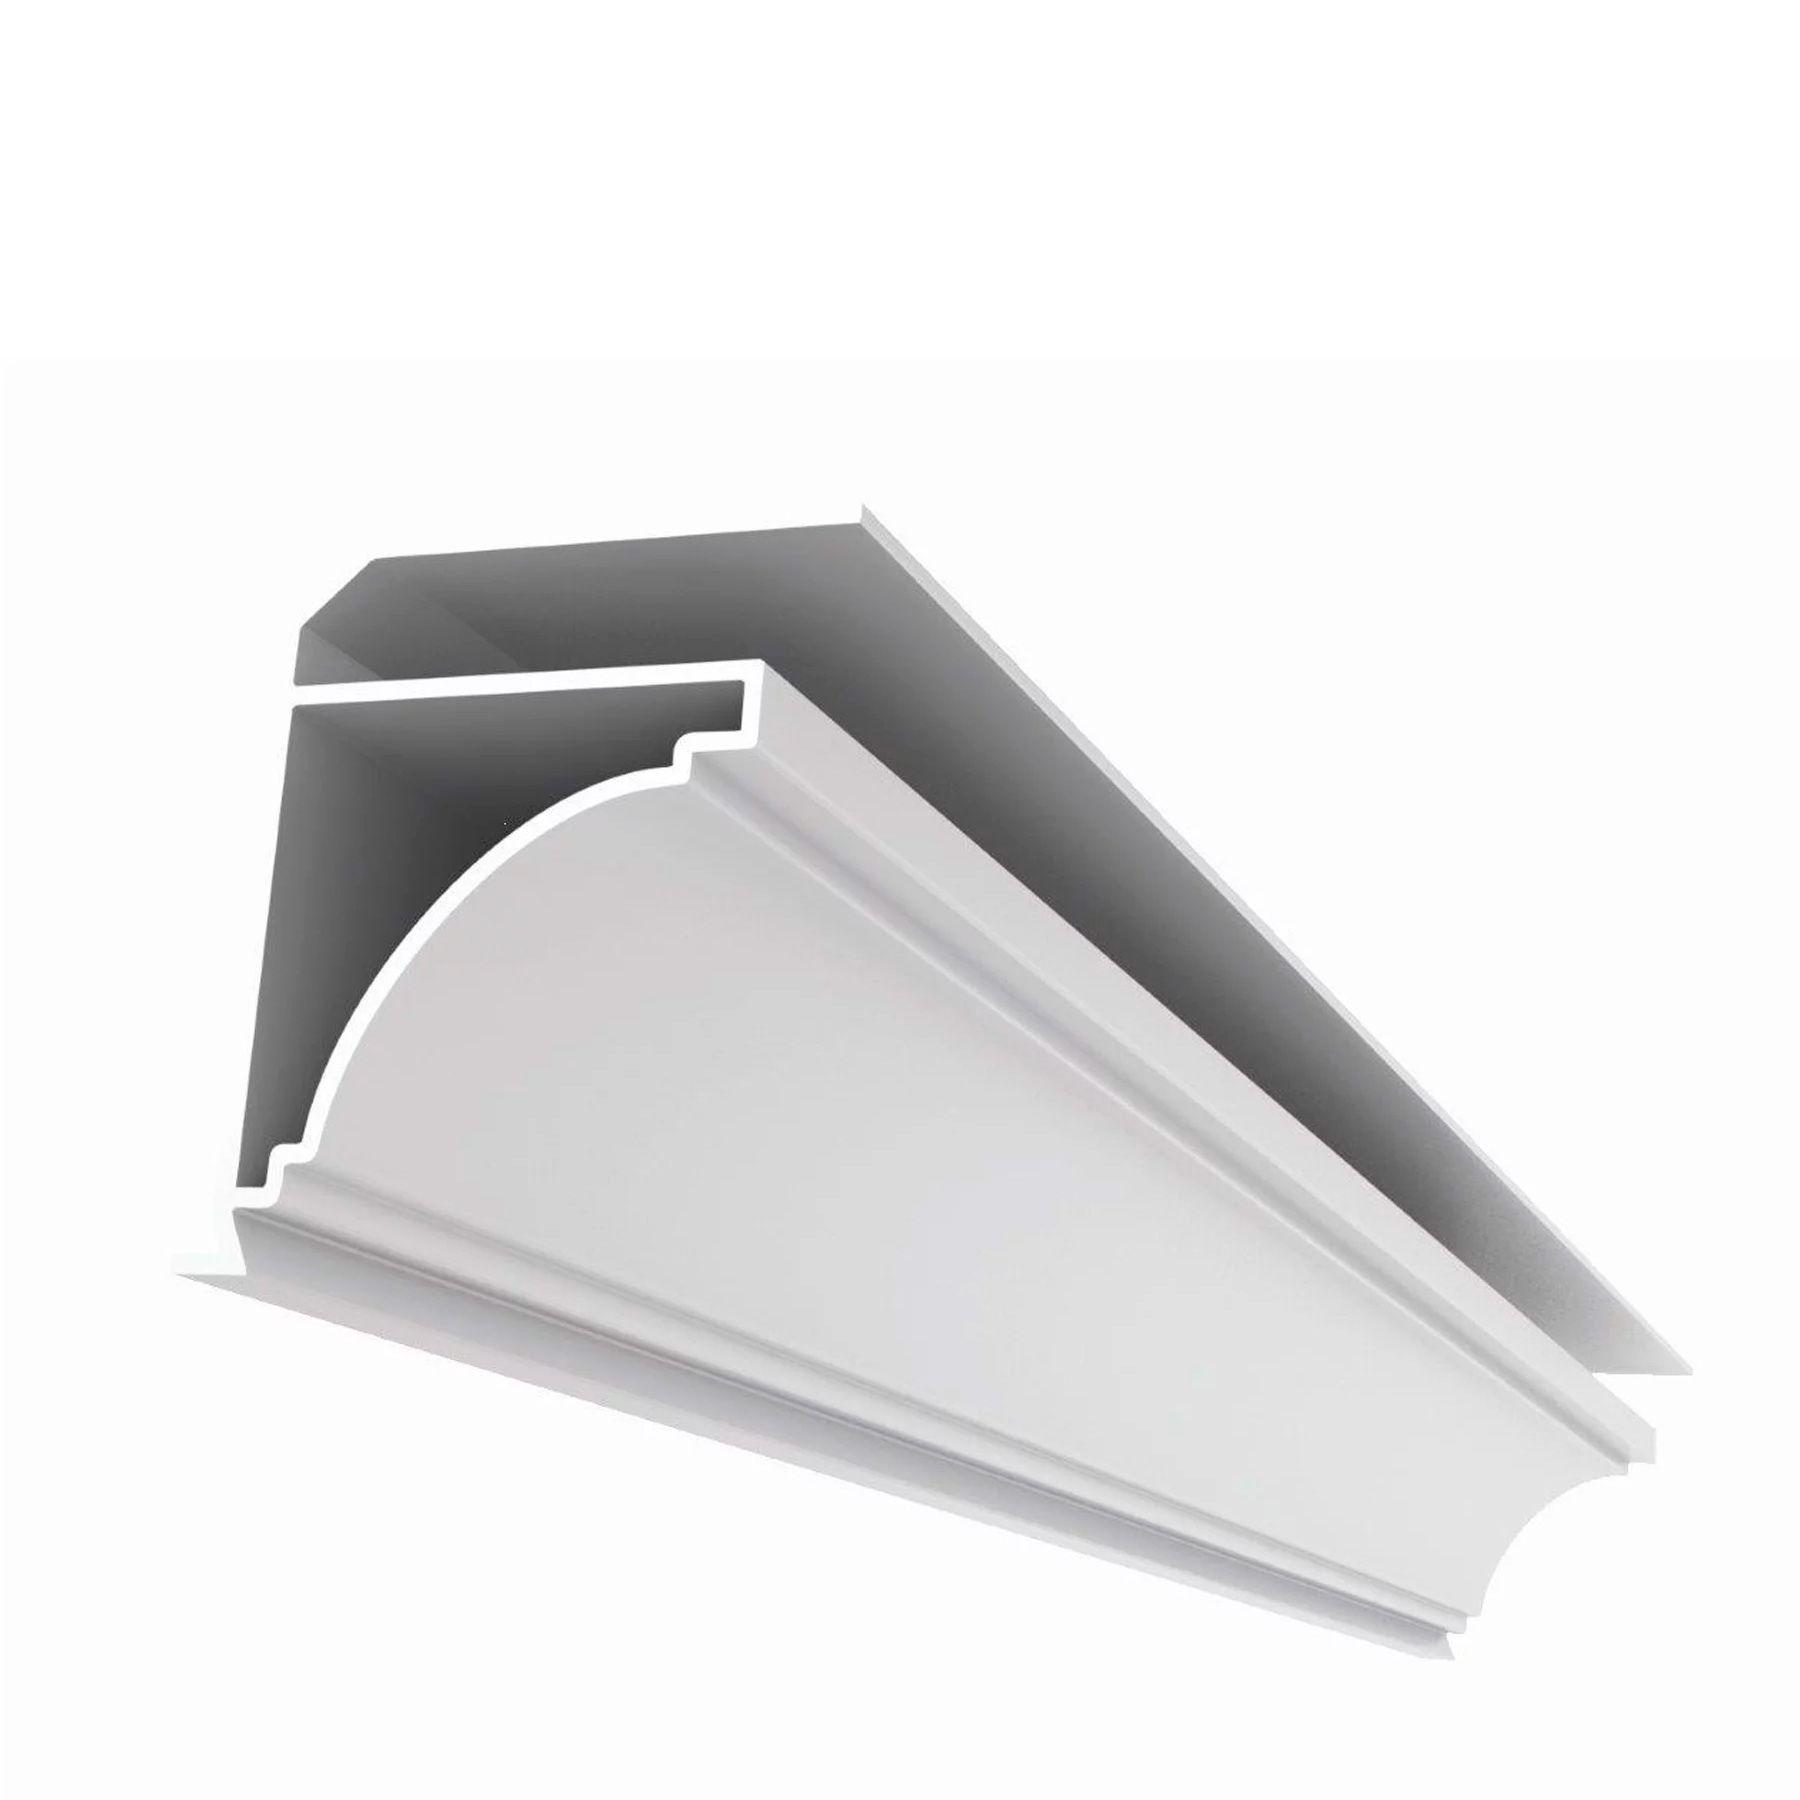 Acabamento Moldura de PVC Branco MaisPvc